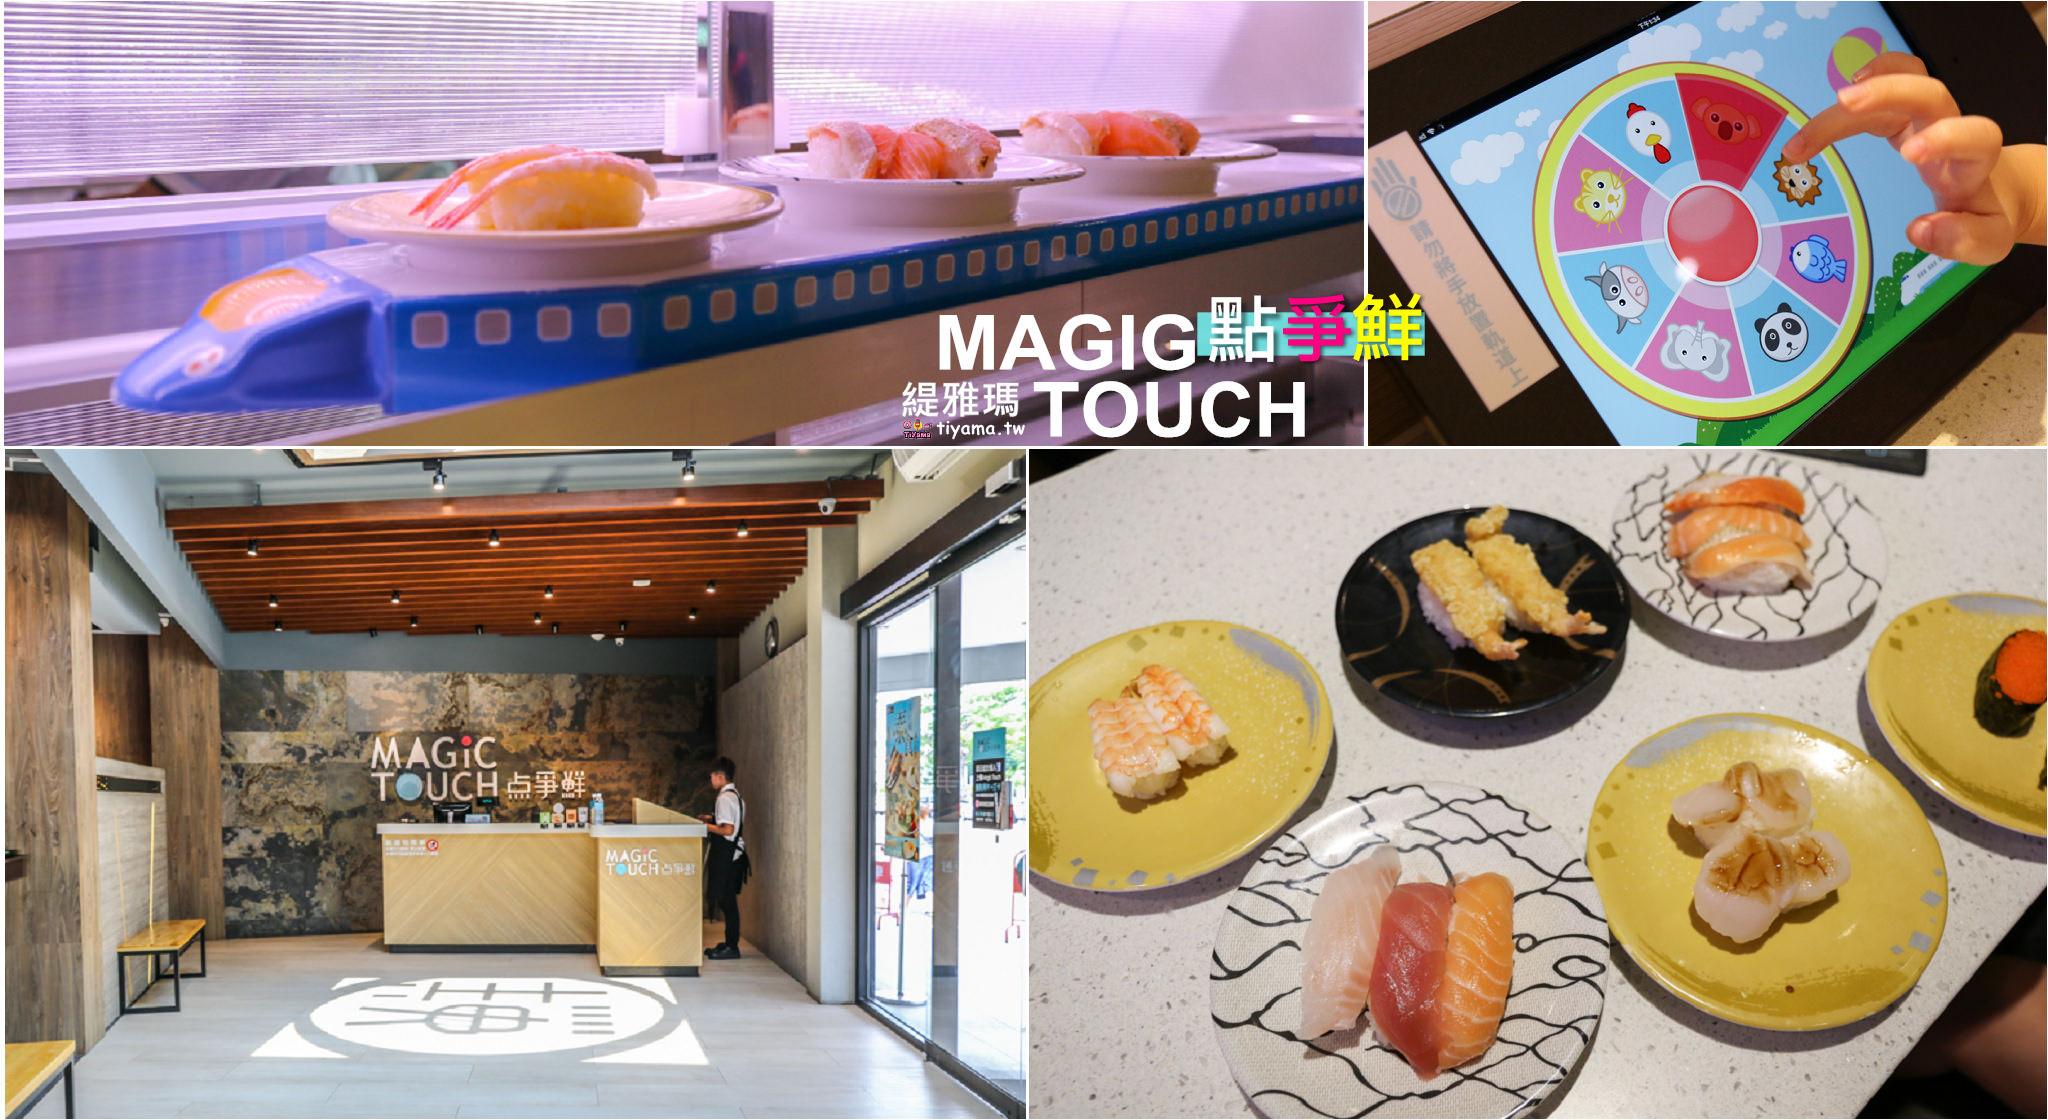 台南點爭鮮|爭鮮.Magic Touch|Magic Touch点爭鮮:爭鮮也有新幹線直送,滿300元玩遊戲.中獎送好禮 @緹雅瑪 美食旅遊趣